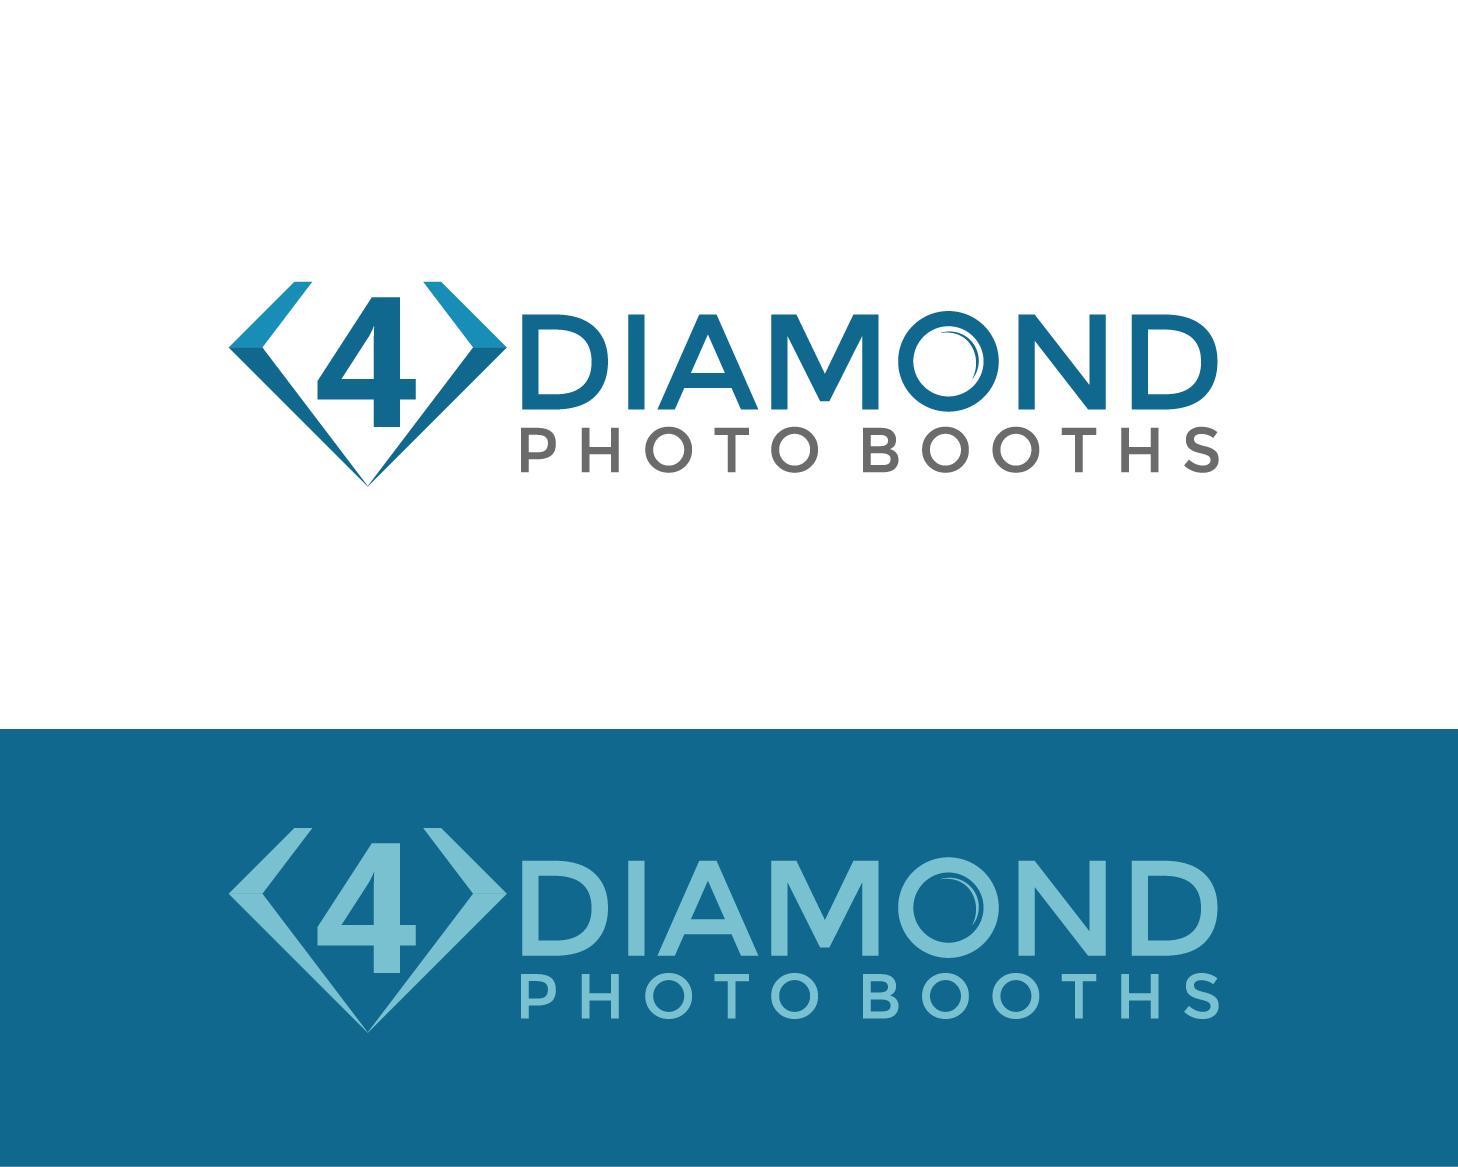 Logo Design by Allan Esclamado - Entry No. 23 in the Logo Design Contest Creative Logo Design for 4 Diamond Photo Booths.